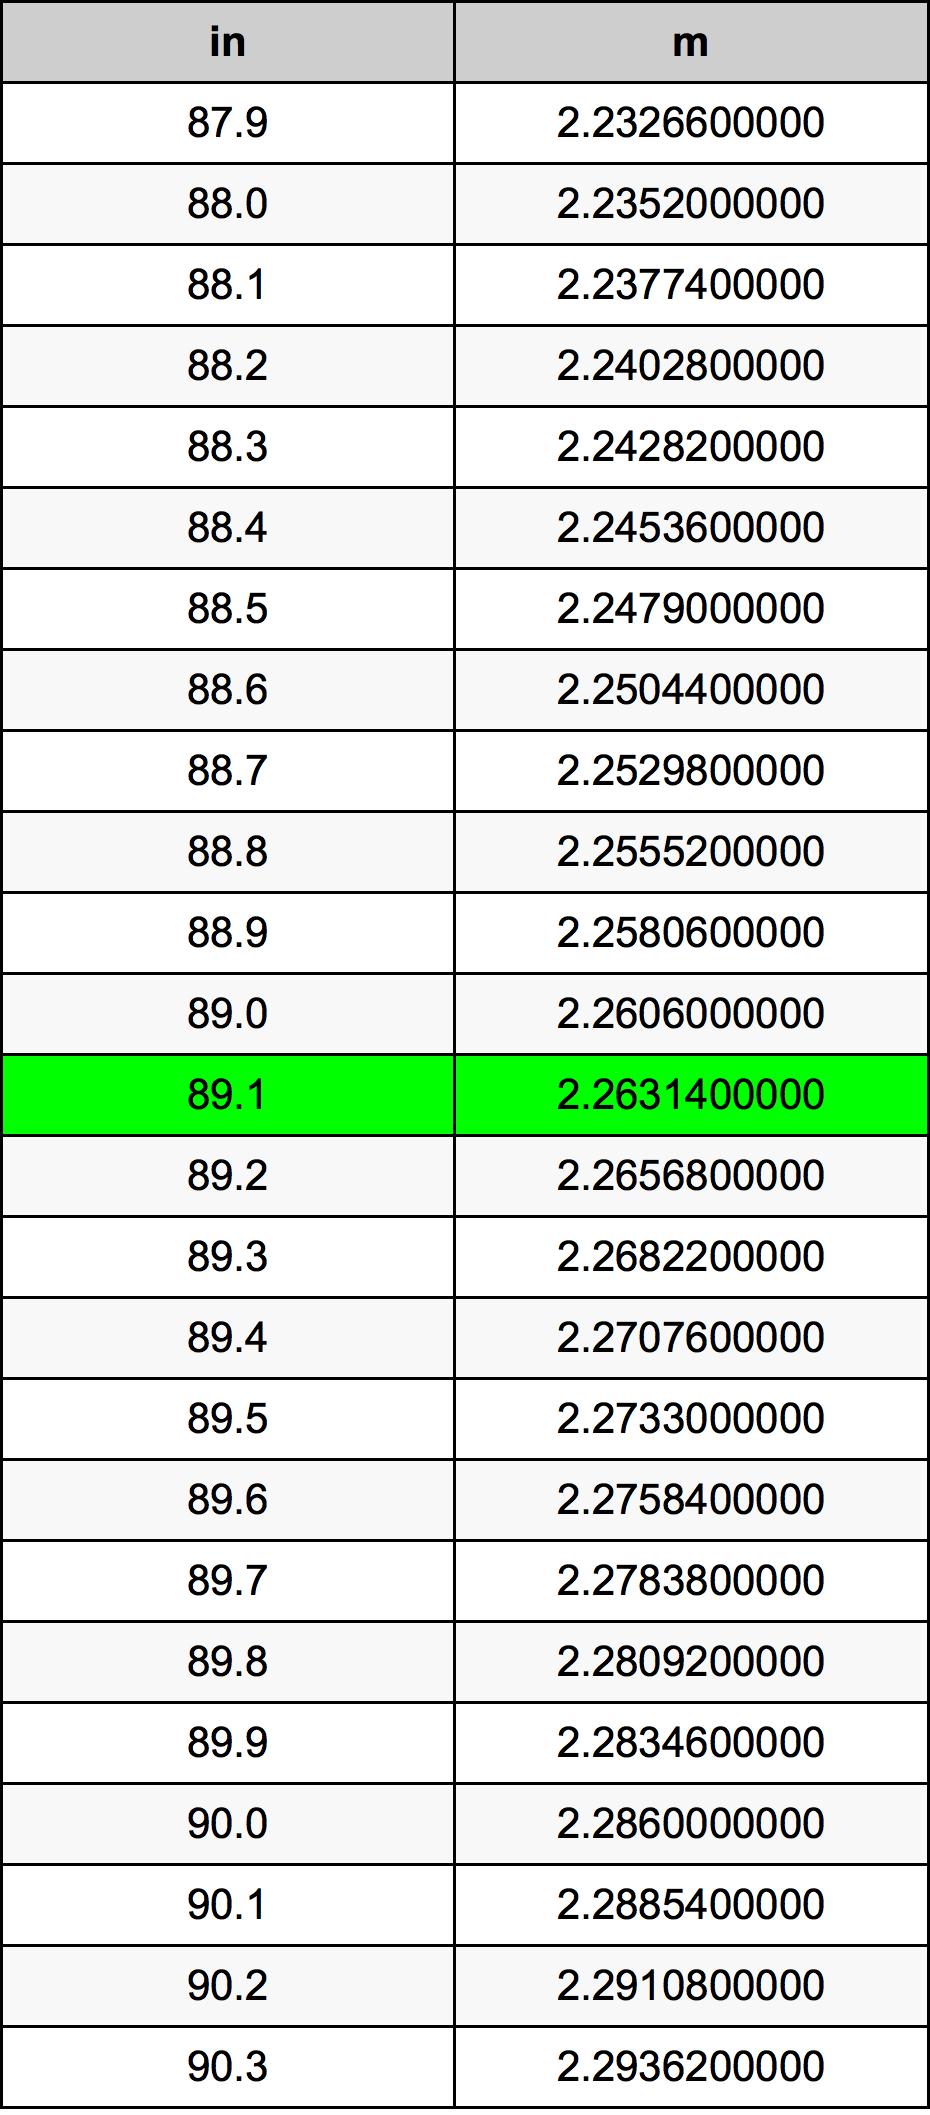 89.1 بوصة جدول تحويل